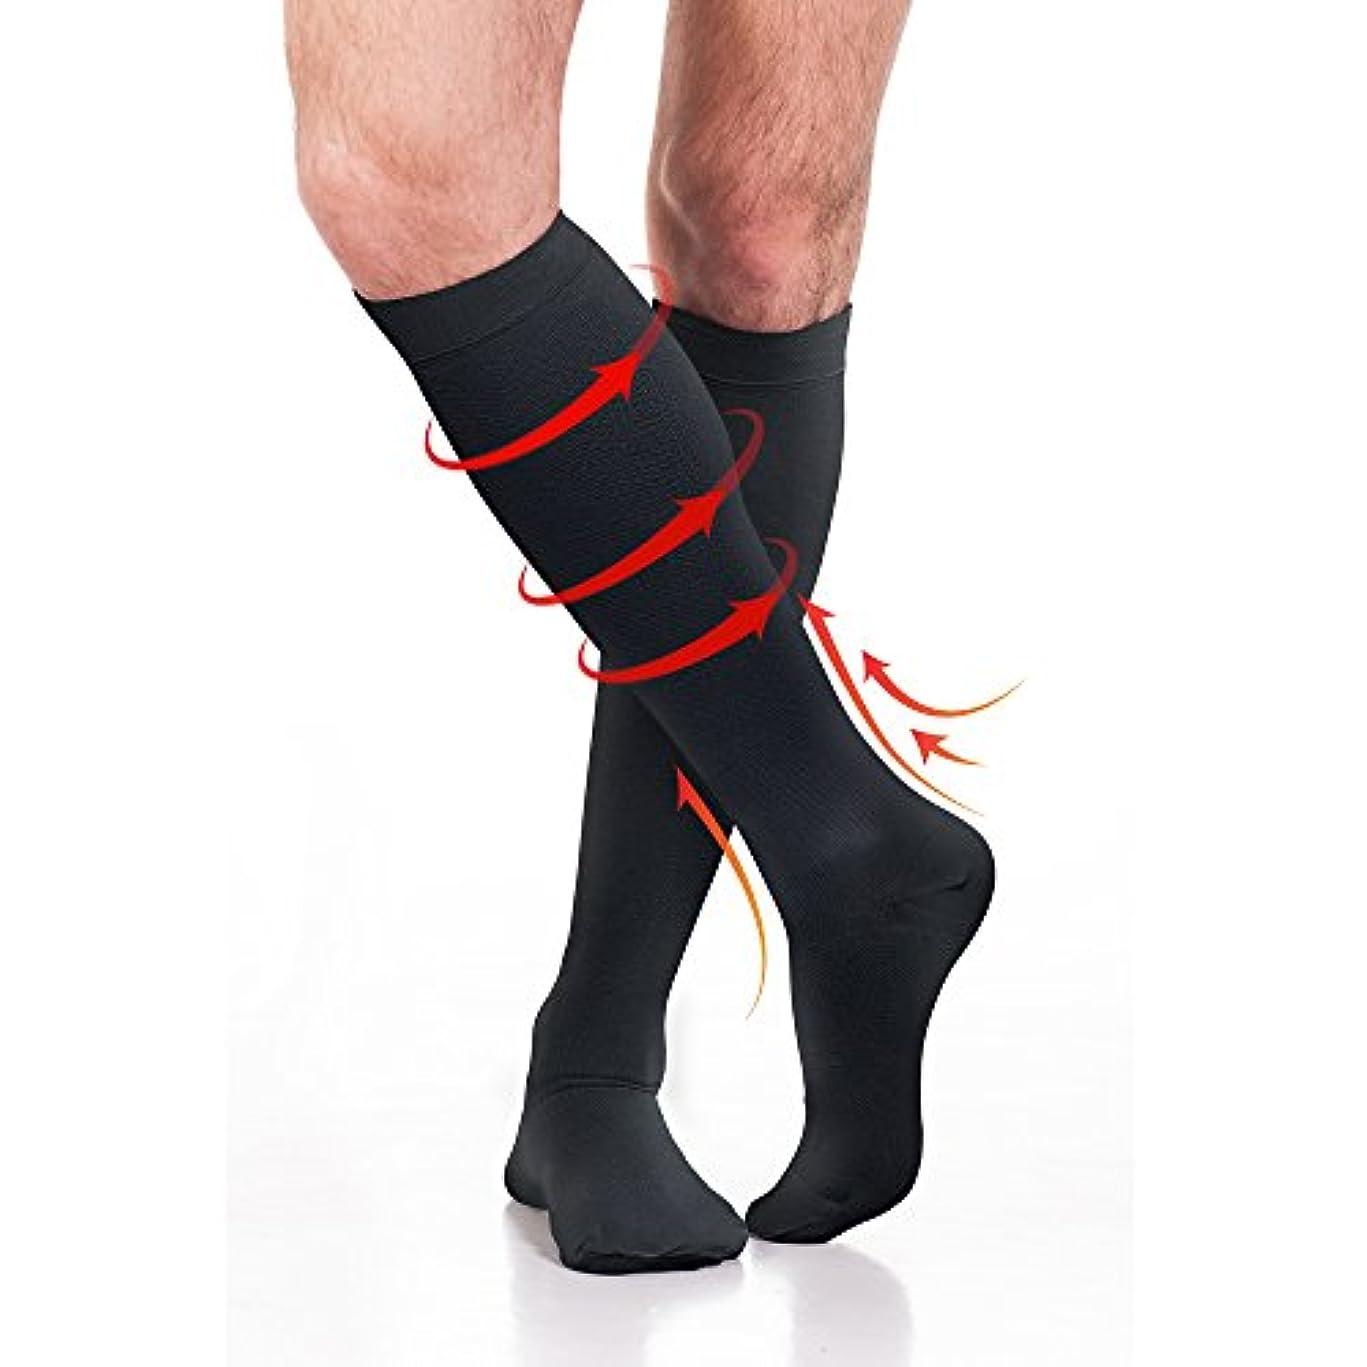 ロードされたステープル定常Fytto (フィトー)1080スタイル快適圧力着圧ソックス 靴下 ビジネスソックス ブラック 男女兼用 15-20mmHg (20~27hPa) ソックス サポート靴下 M